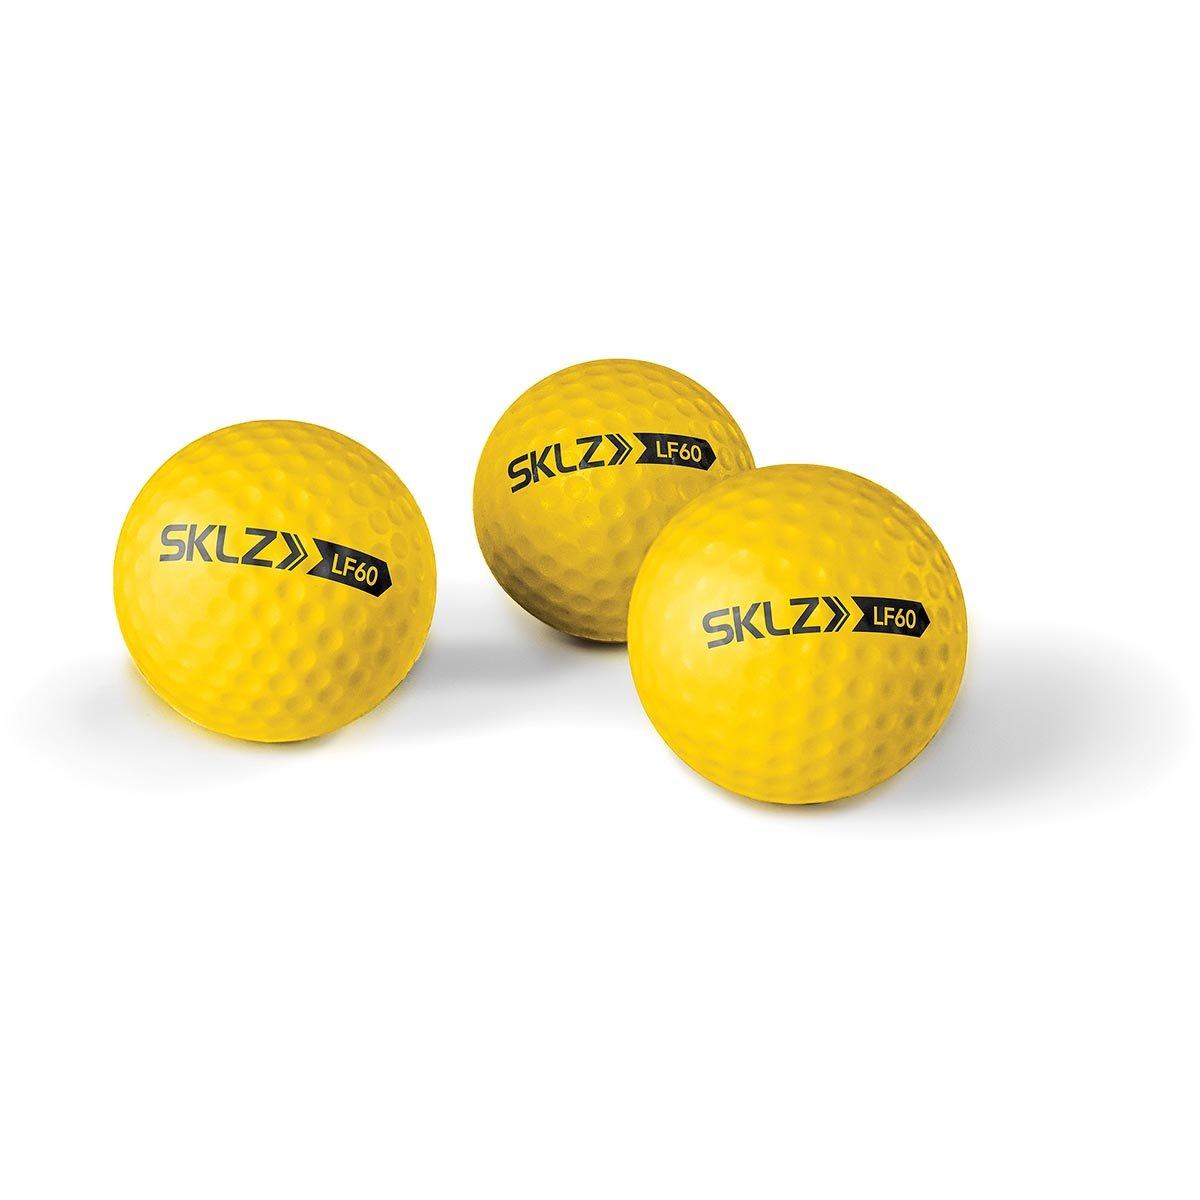 Buy Sklz Golf Practice Balls Online In India